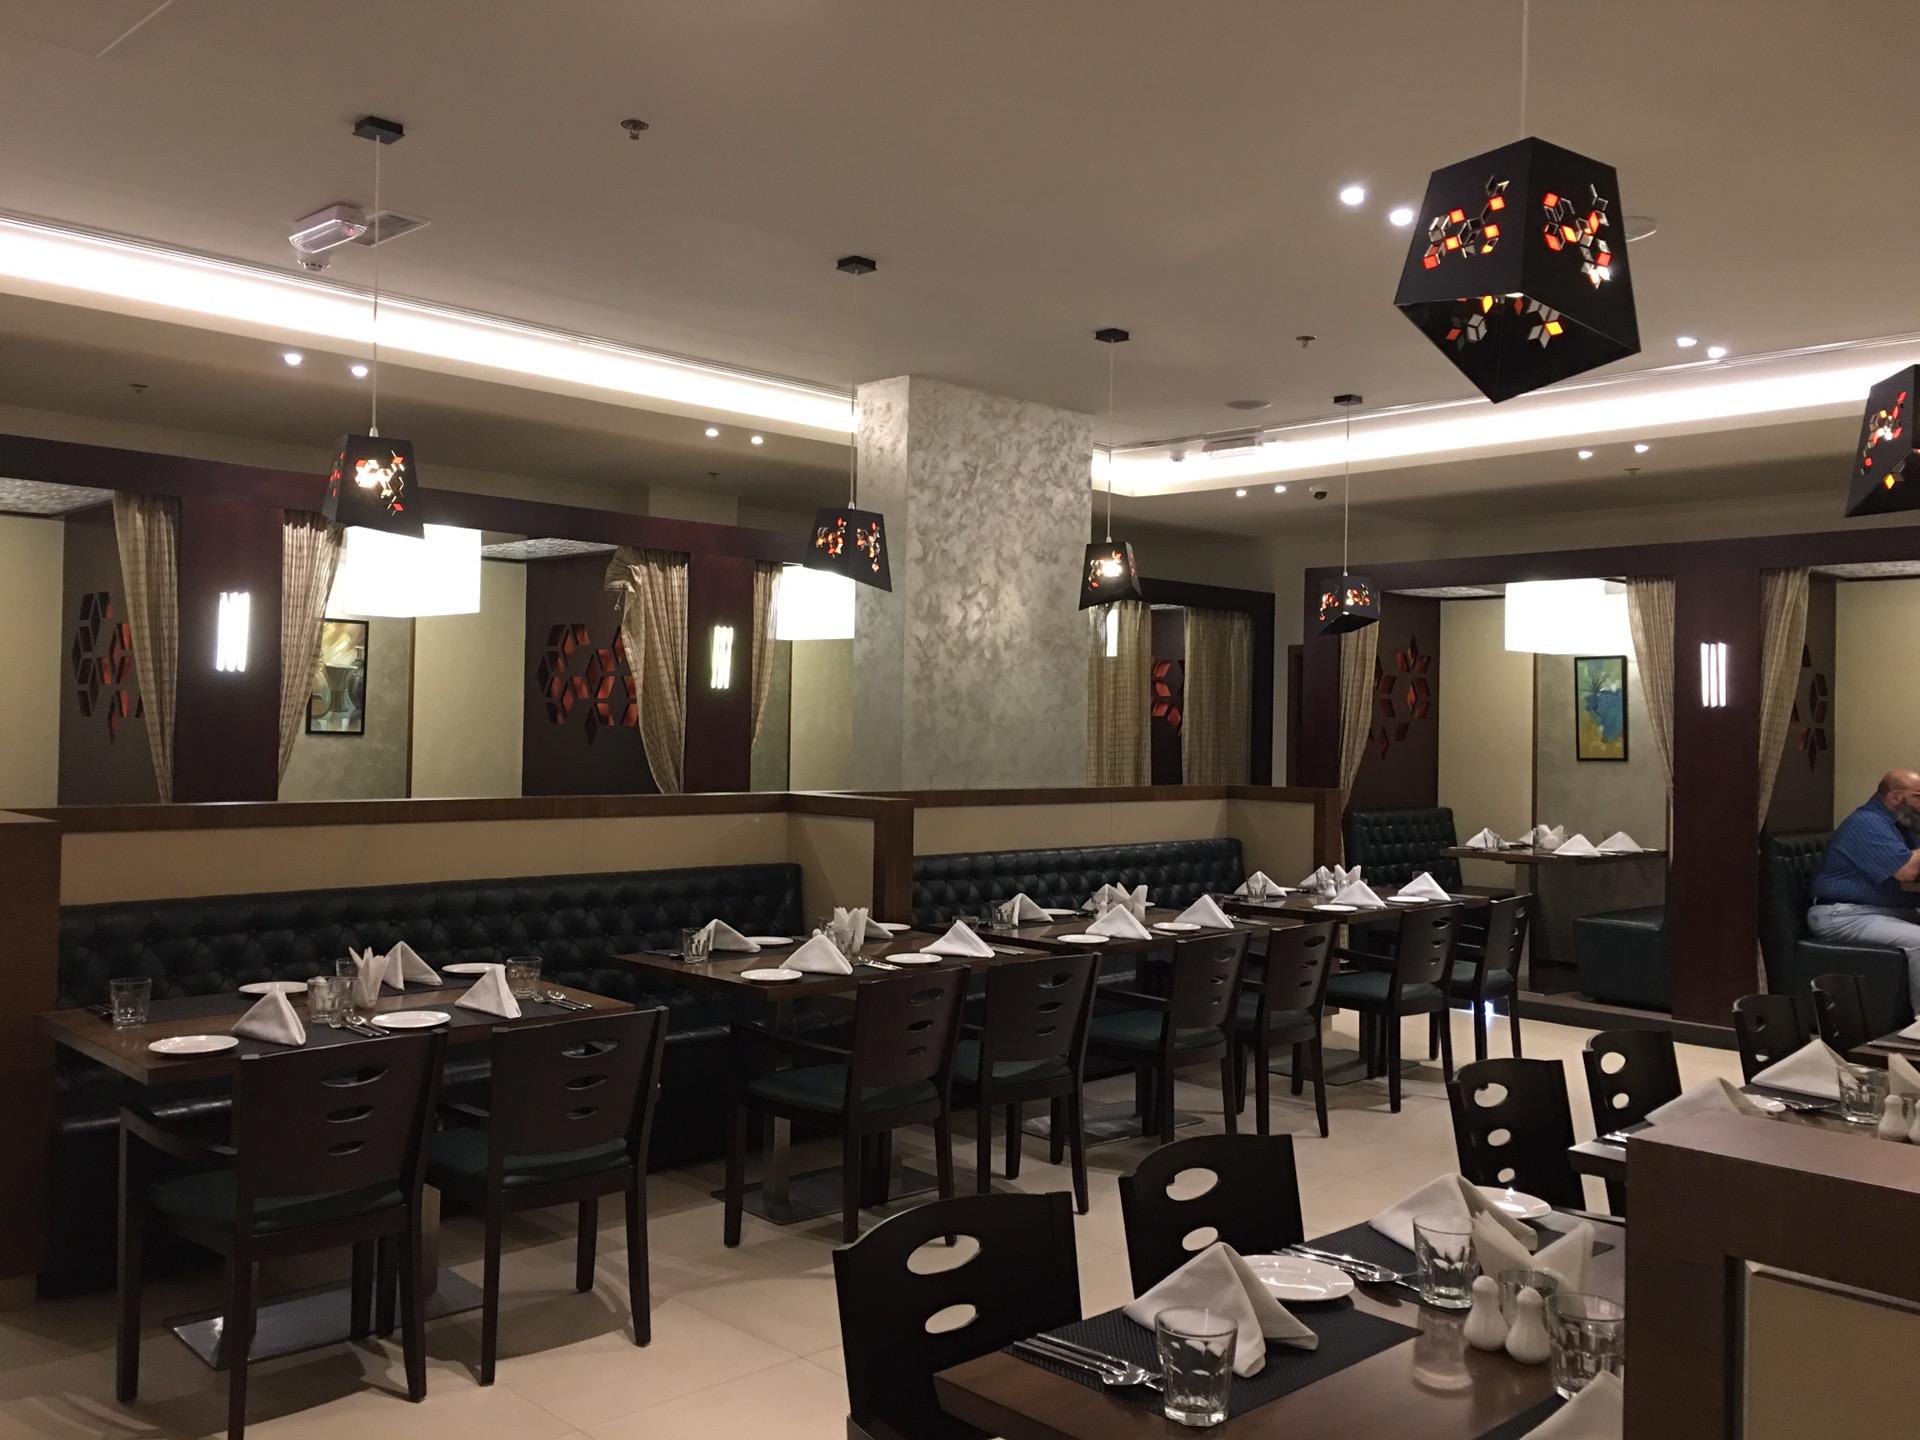 mama rouz- the new multi cuisine restaurant in the city